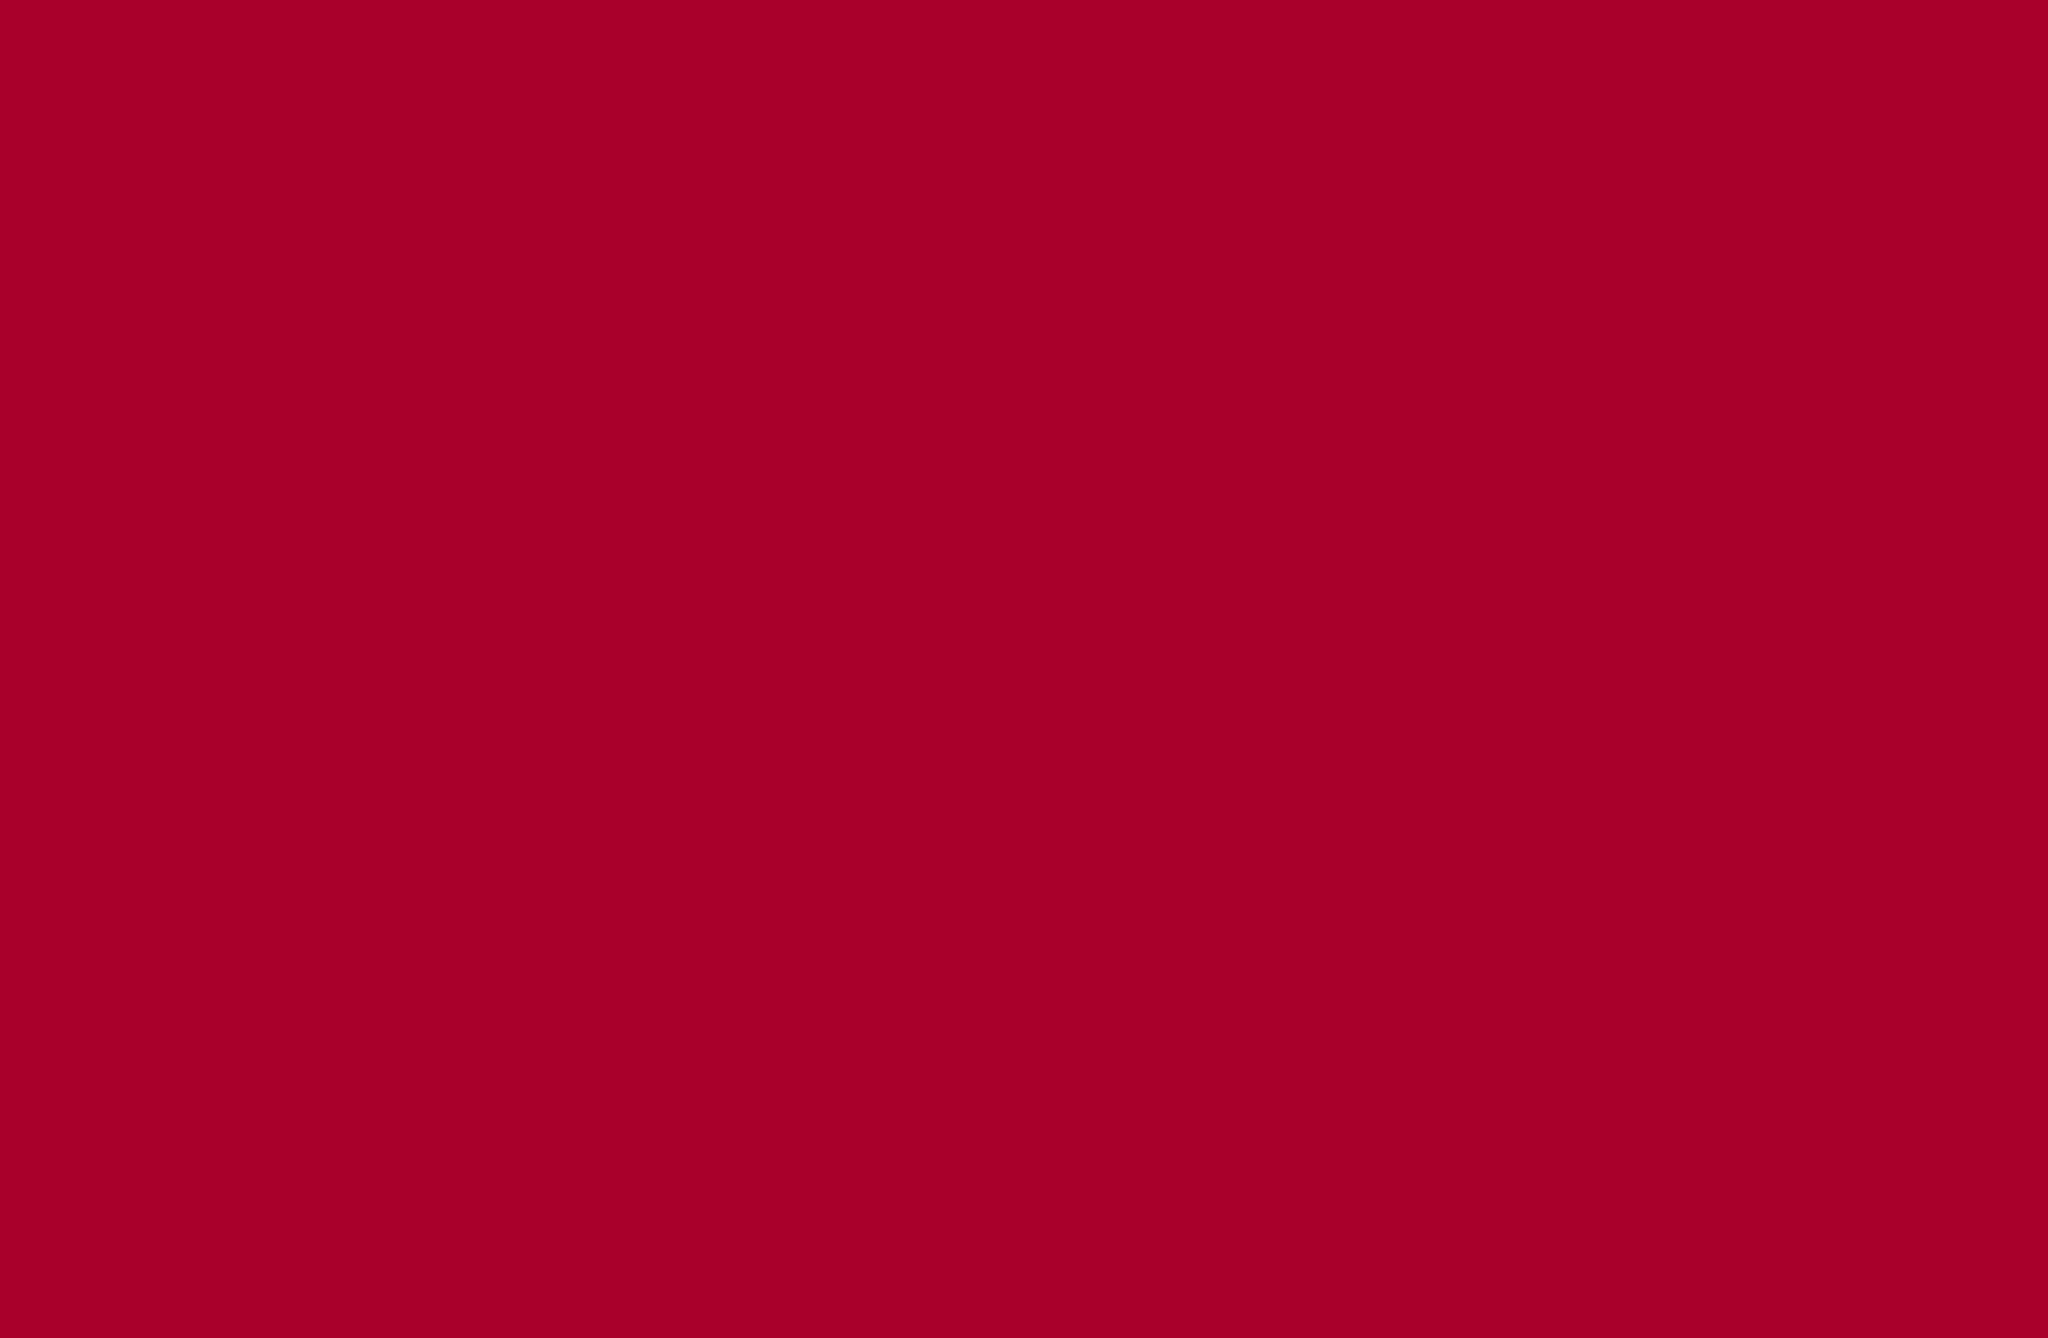 logo_2_red